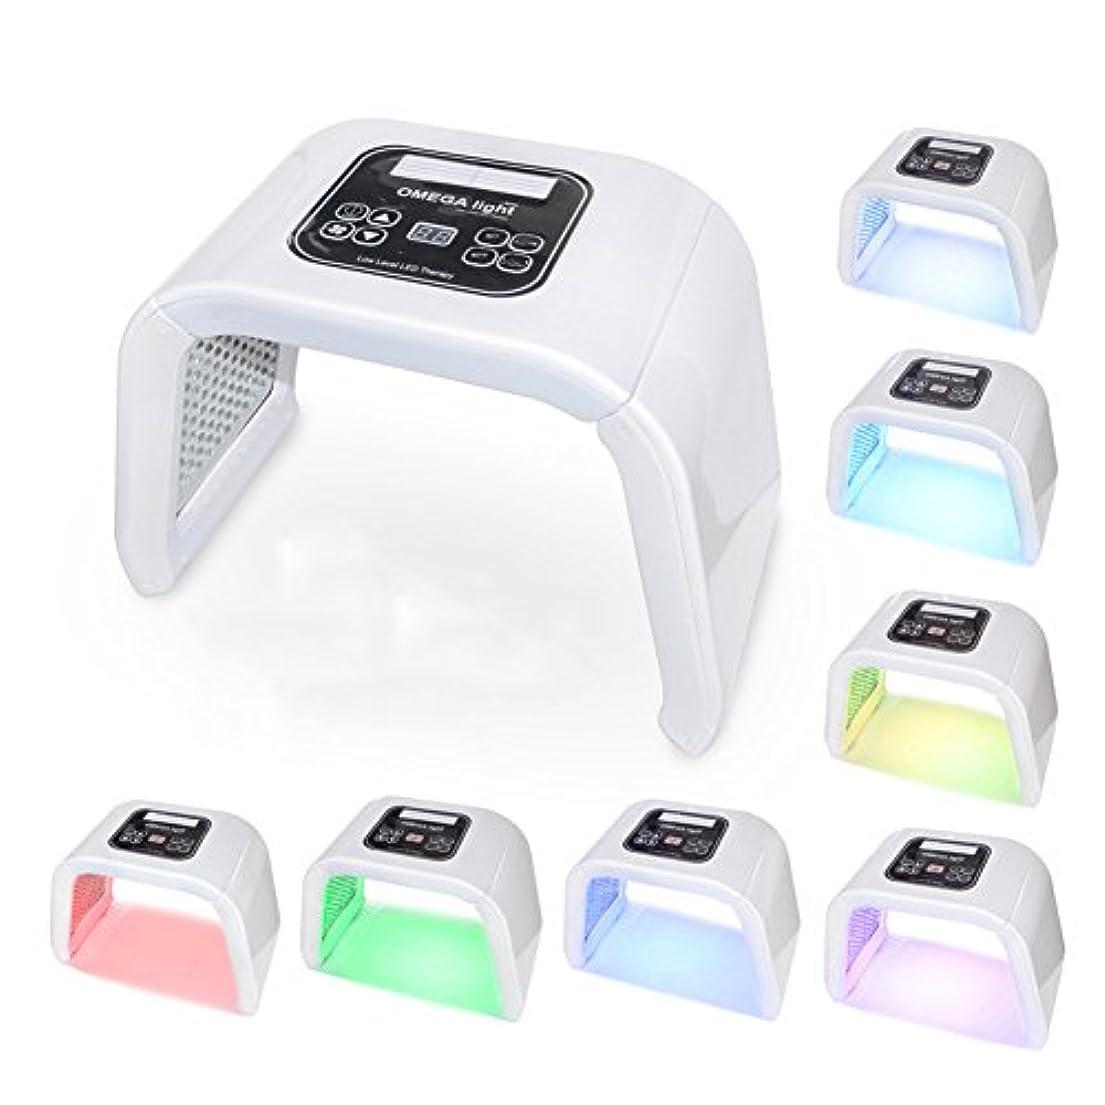 勇気のあるテレマコス大胆光子治療器7色ライトニキビ美容器具,White